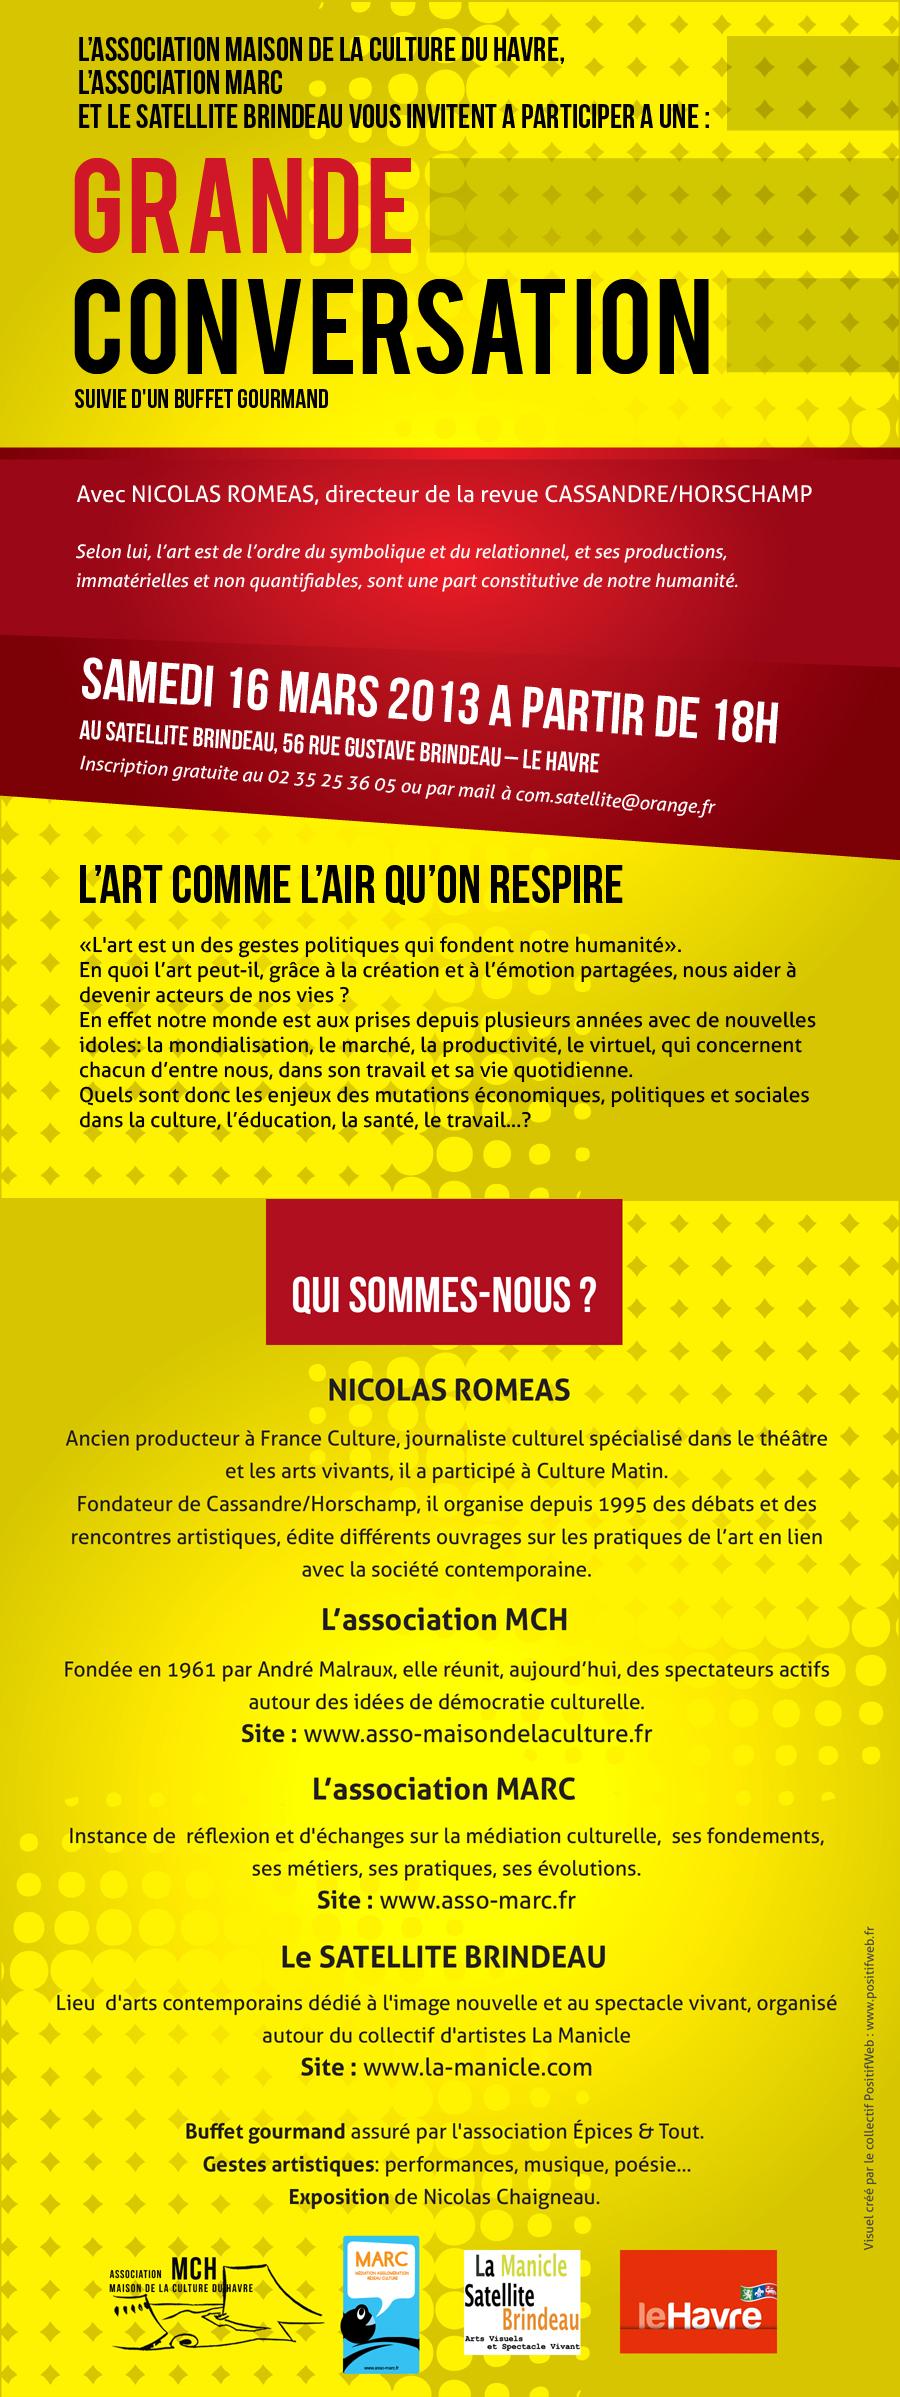 Conférence la samedi 16 mars 2013 au Havre